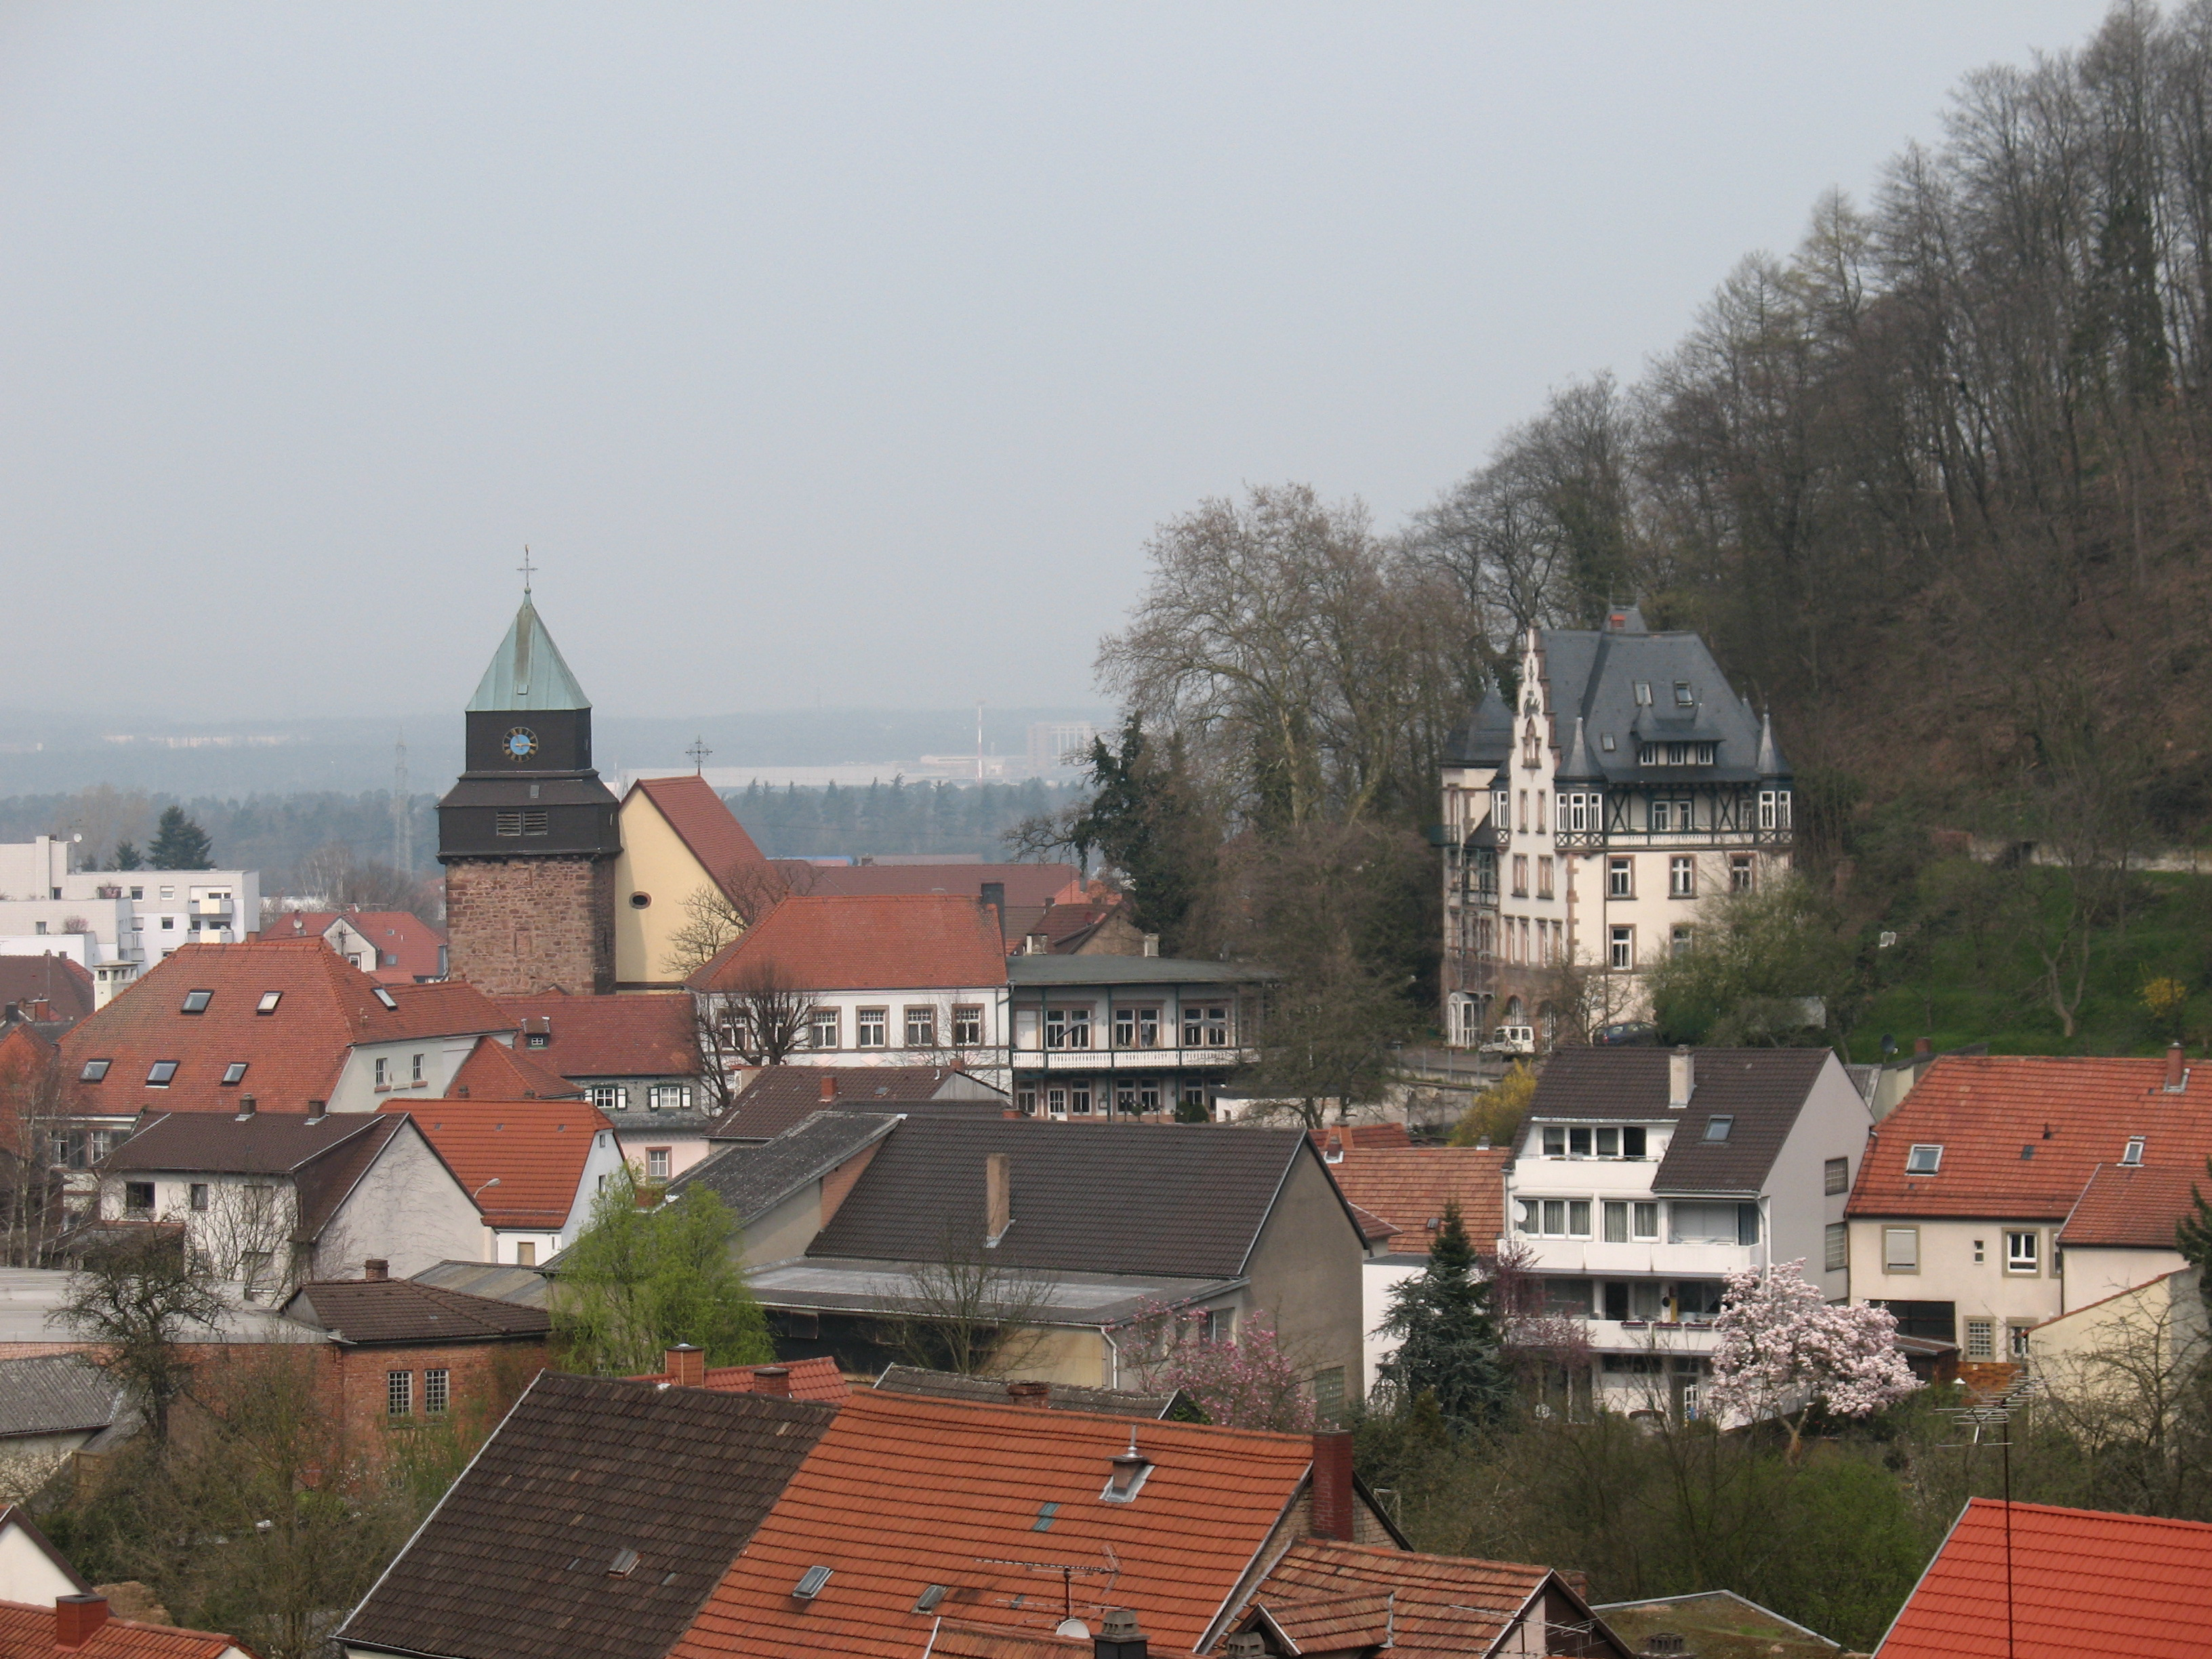 Hotel St Andreas Korschenbroich